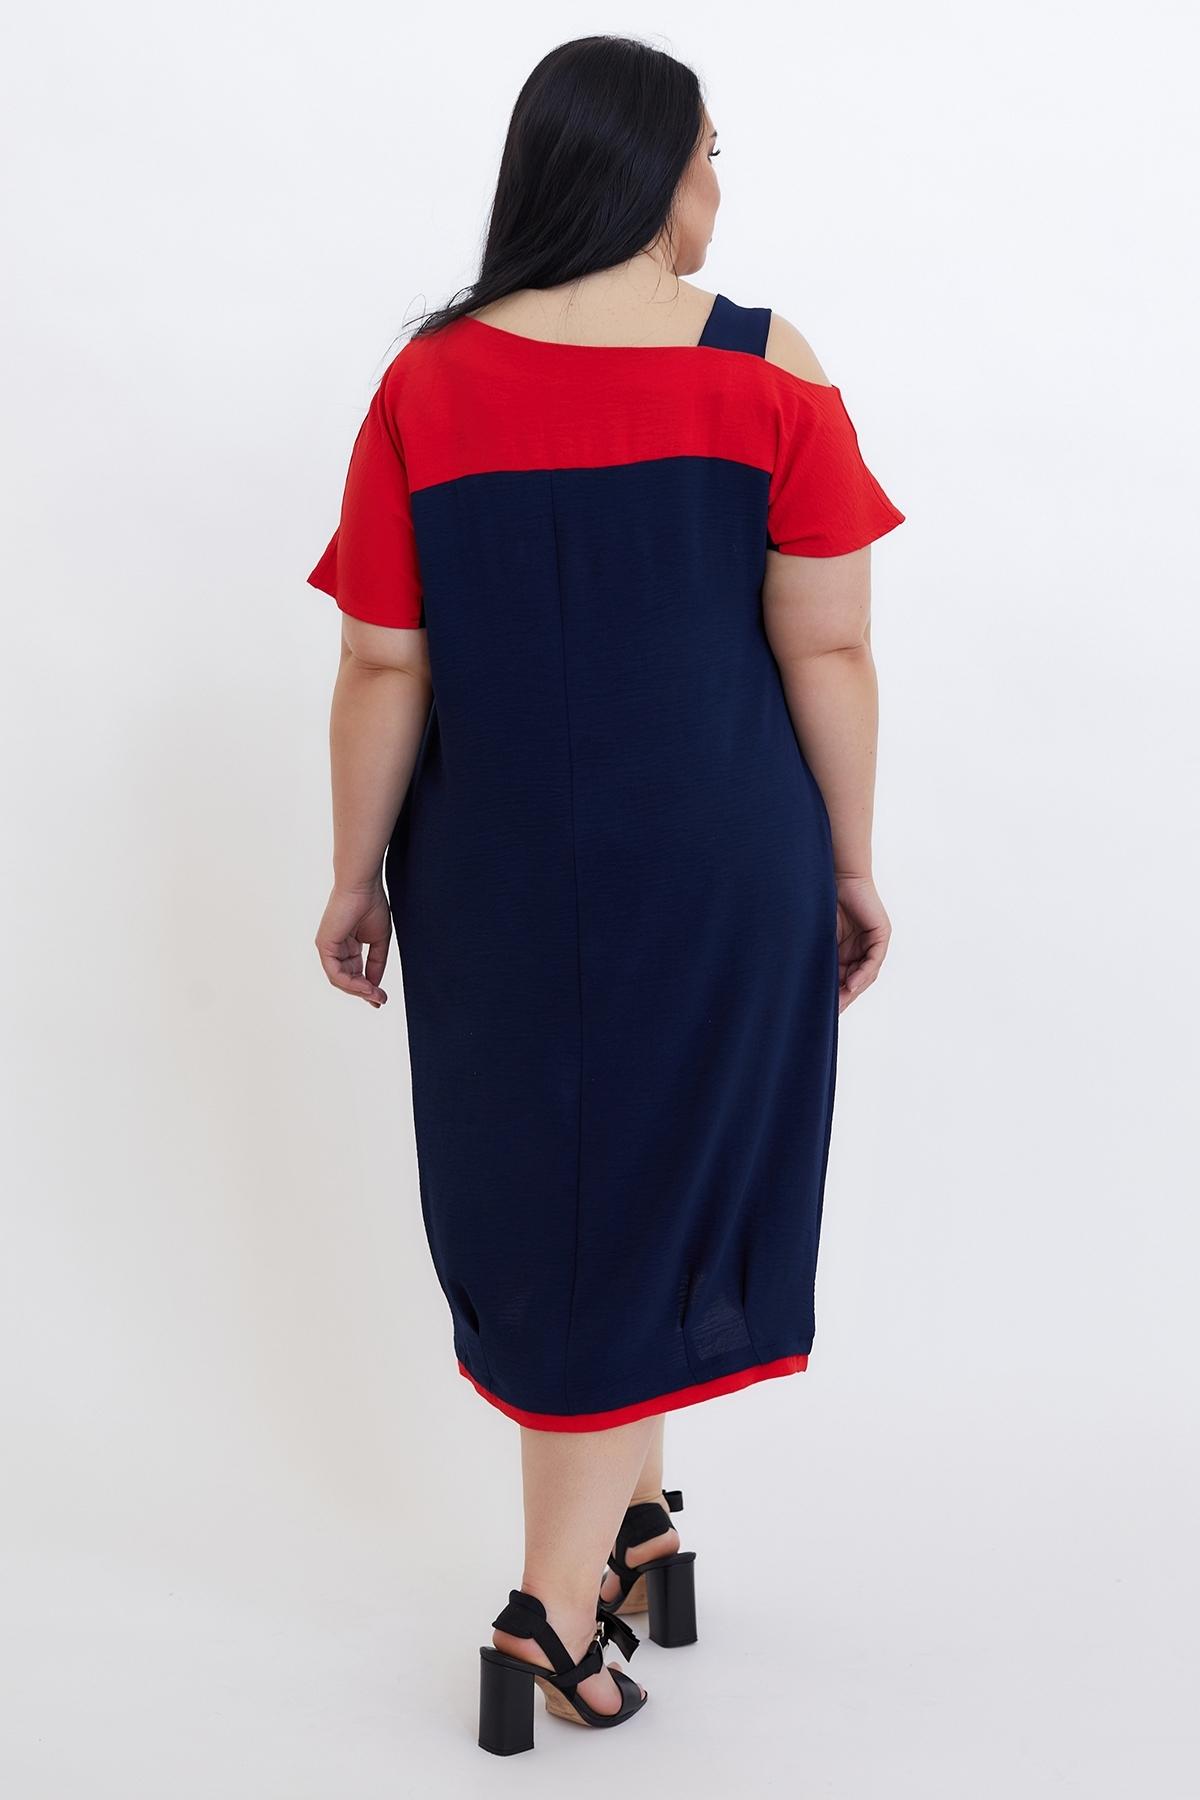 Сукня Беатріс (Беатрис) (червоний)